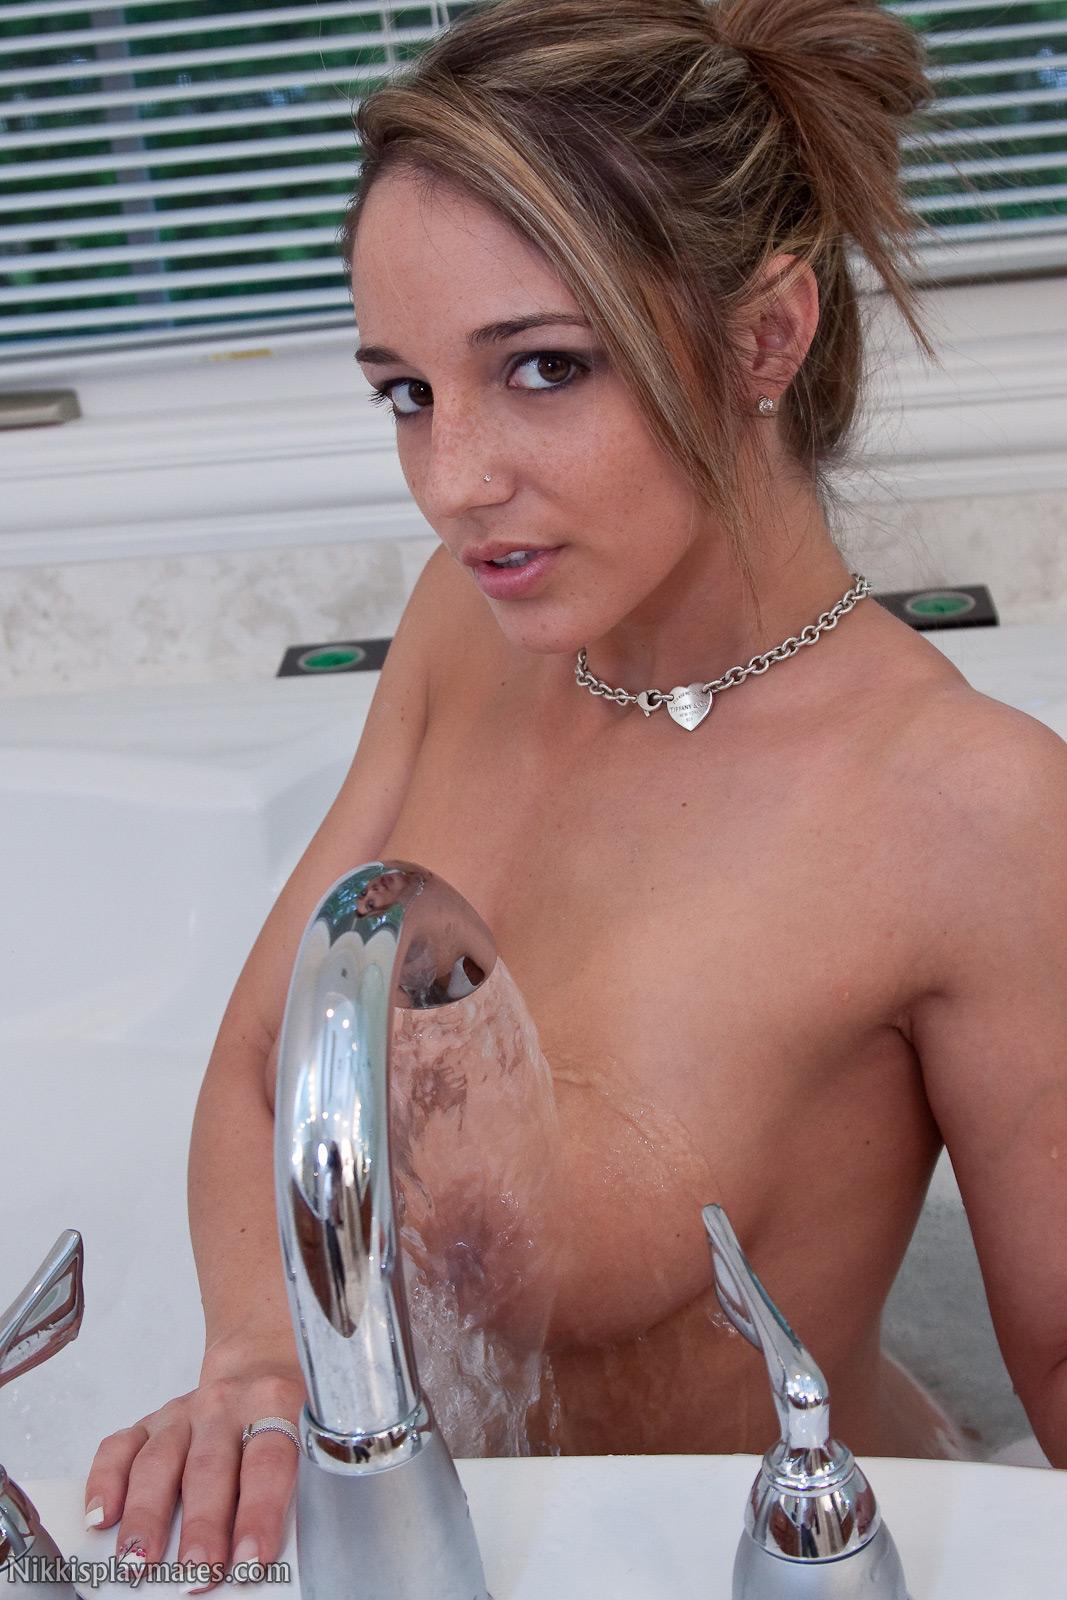 Mine, Nikki sims shower tits